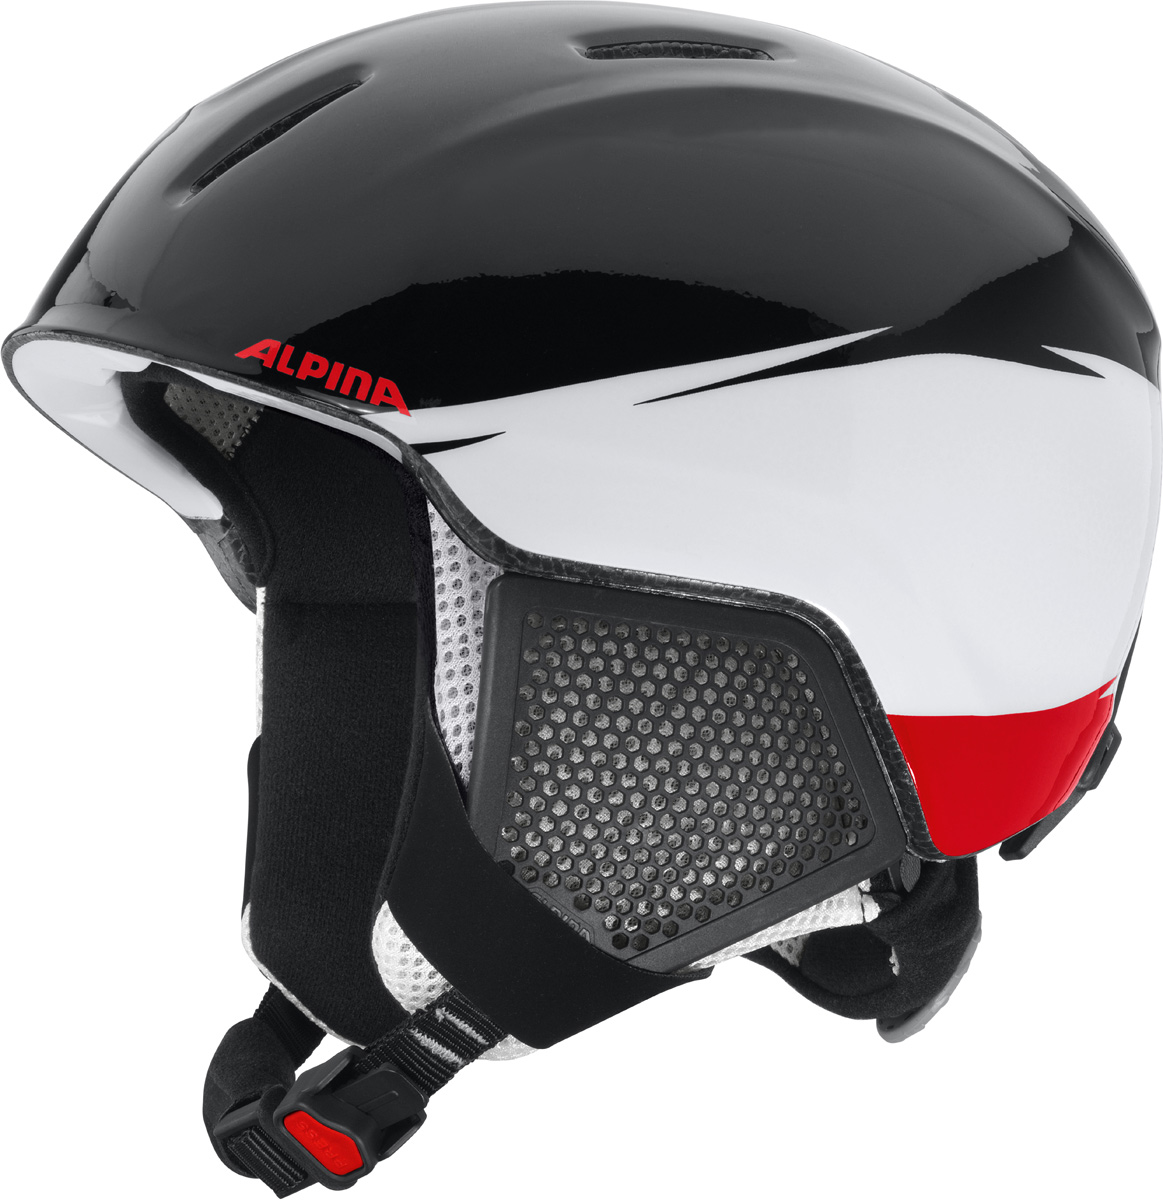 Шлем горнолыжный детский Alpina Carat LX, цвет: черный, белый, красный. A9081_50. Размер 51-55 бензопила alpina серия black a 4500 18